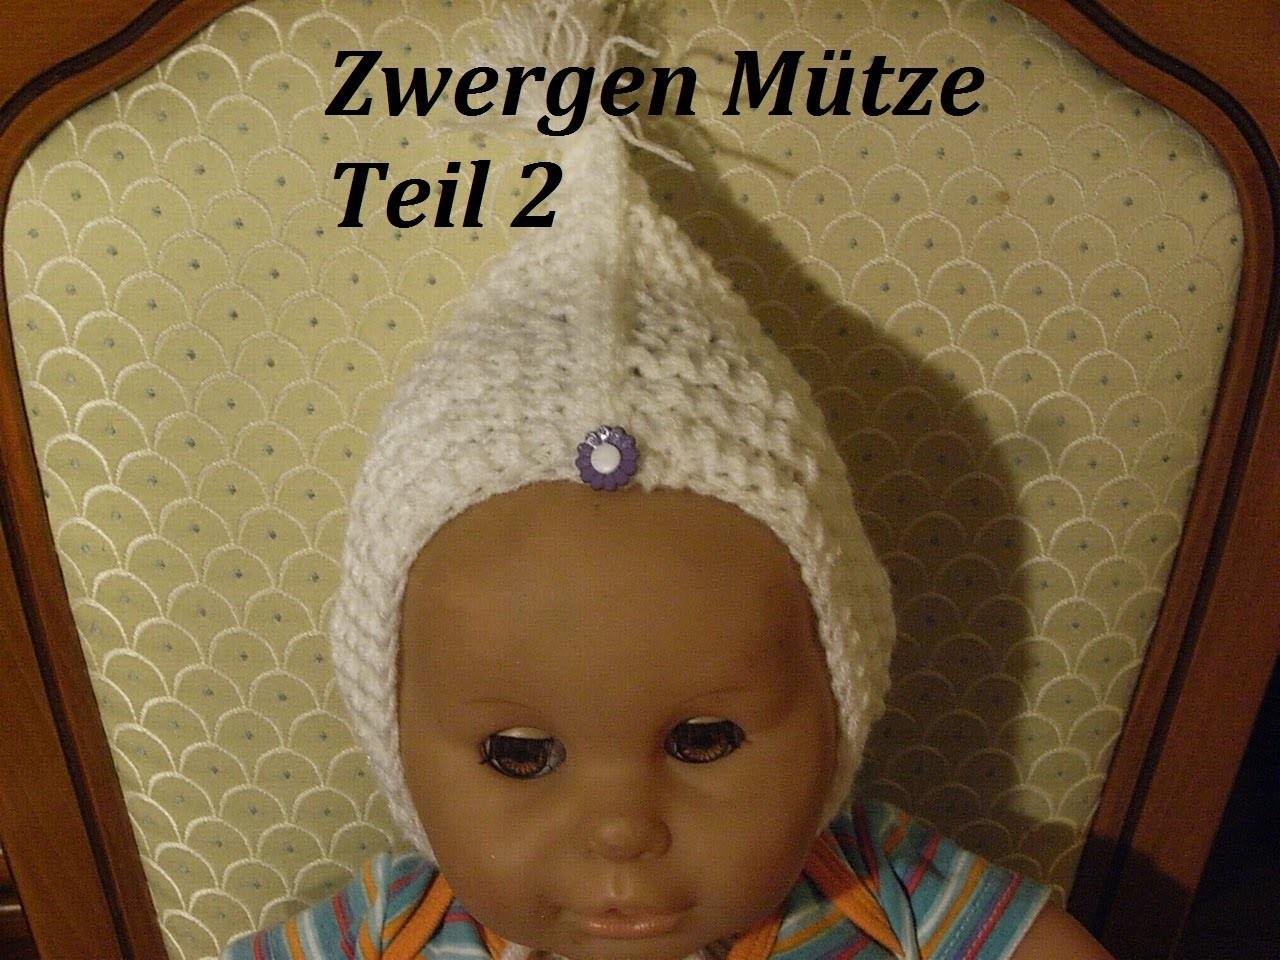 DIY Kindermütze stricken*Teil 2**Baby Mütze*einfach Stricken*Zwergen Mütze Tutorial Handarbeit